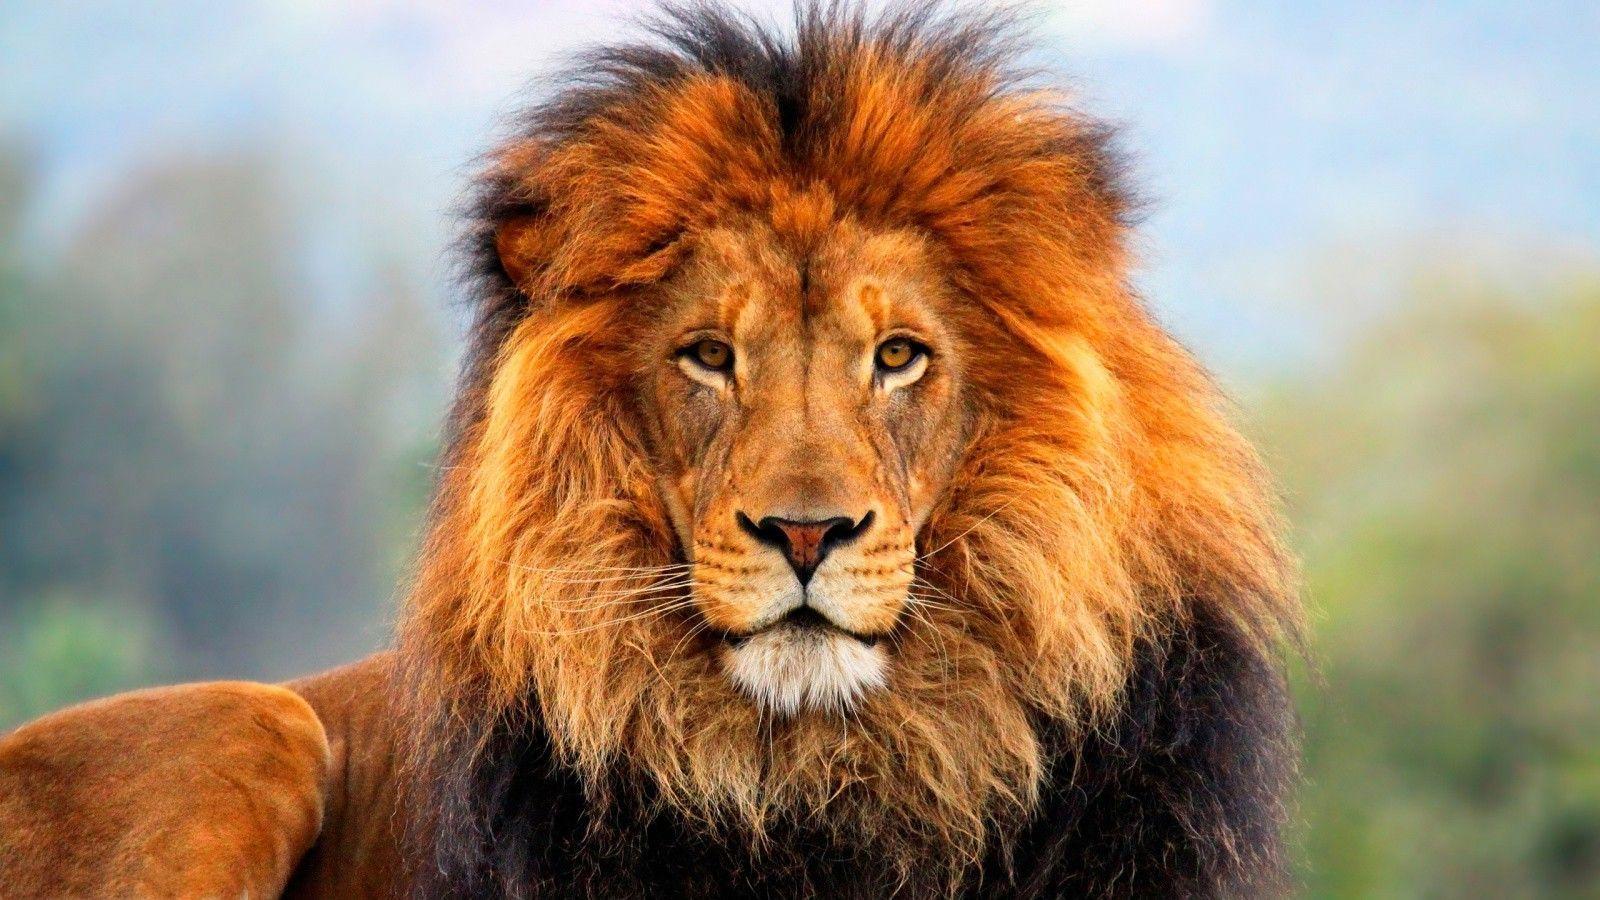 Идей на тему «Lion Wallpaper в Pinterest»: лучших Акуна 1024×768 ...